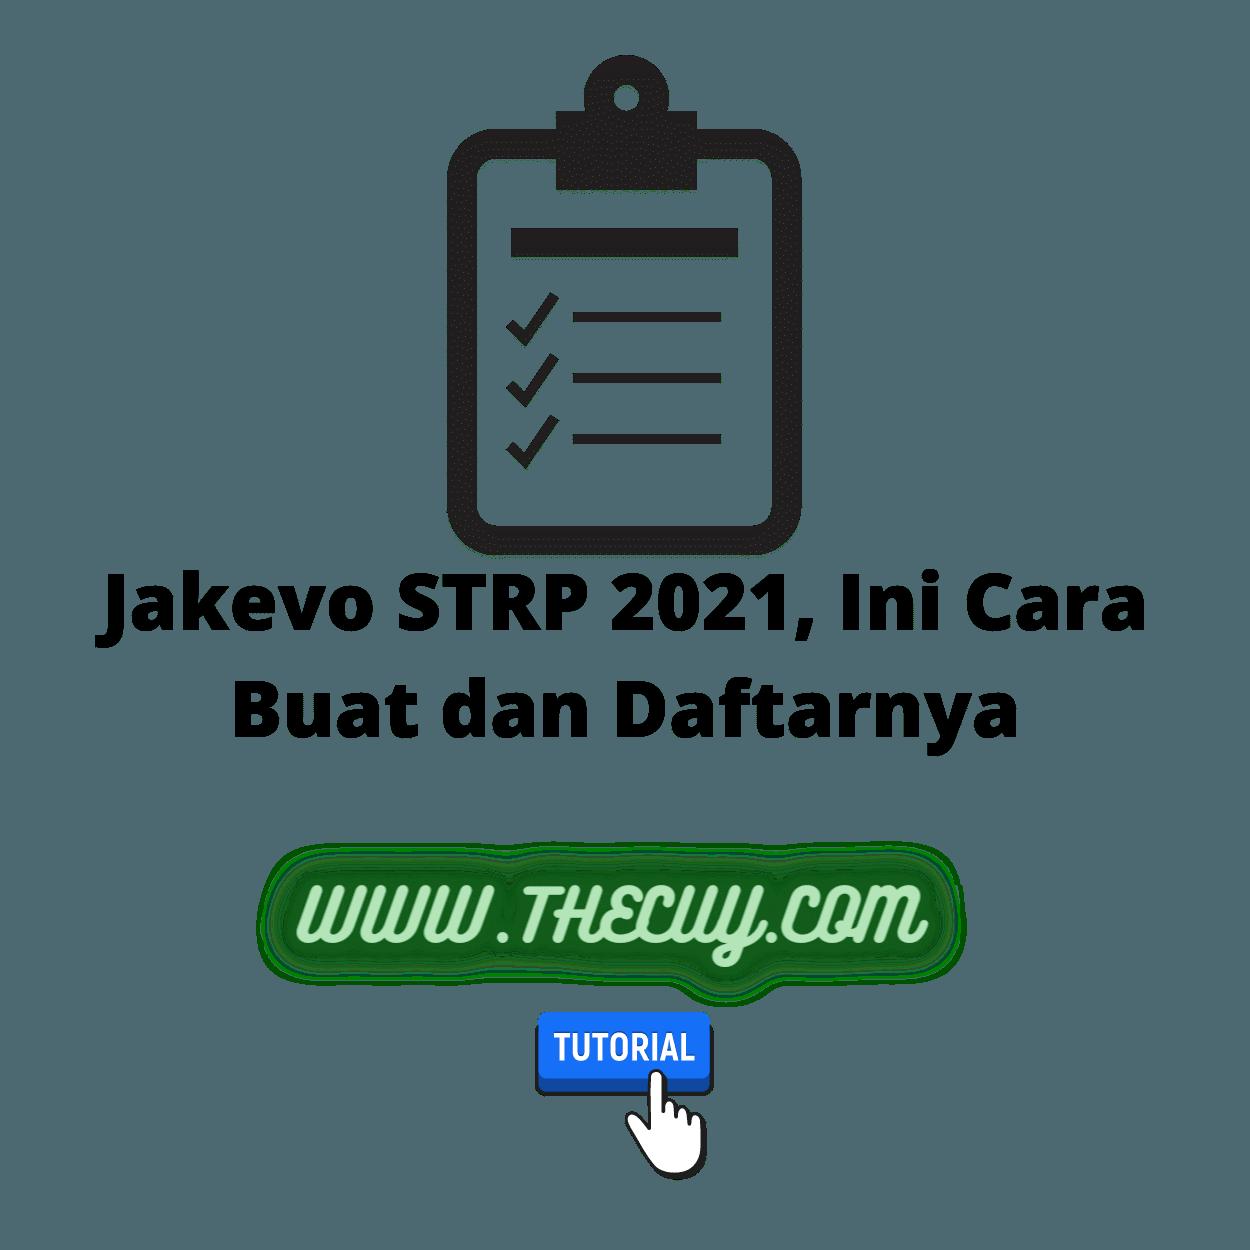 Jakevo STRP 2021, Ini Cara Buat dan Daftarnya